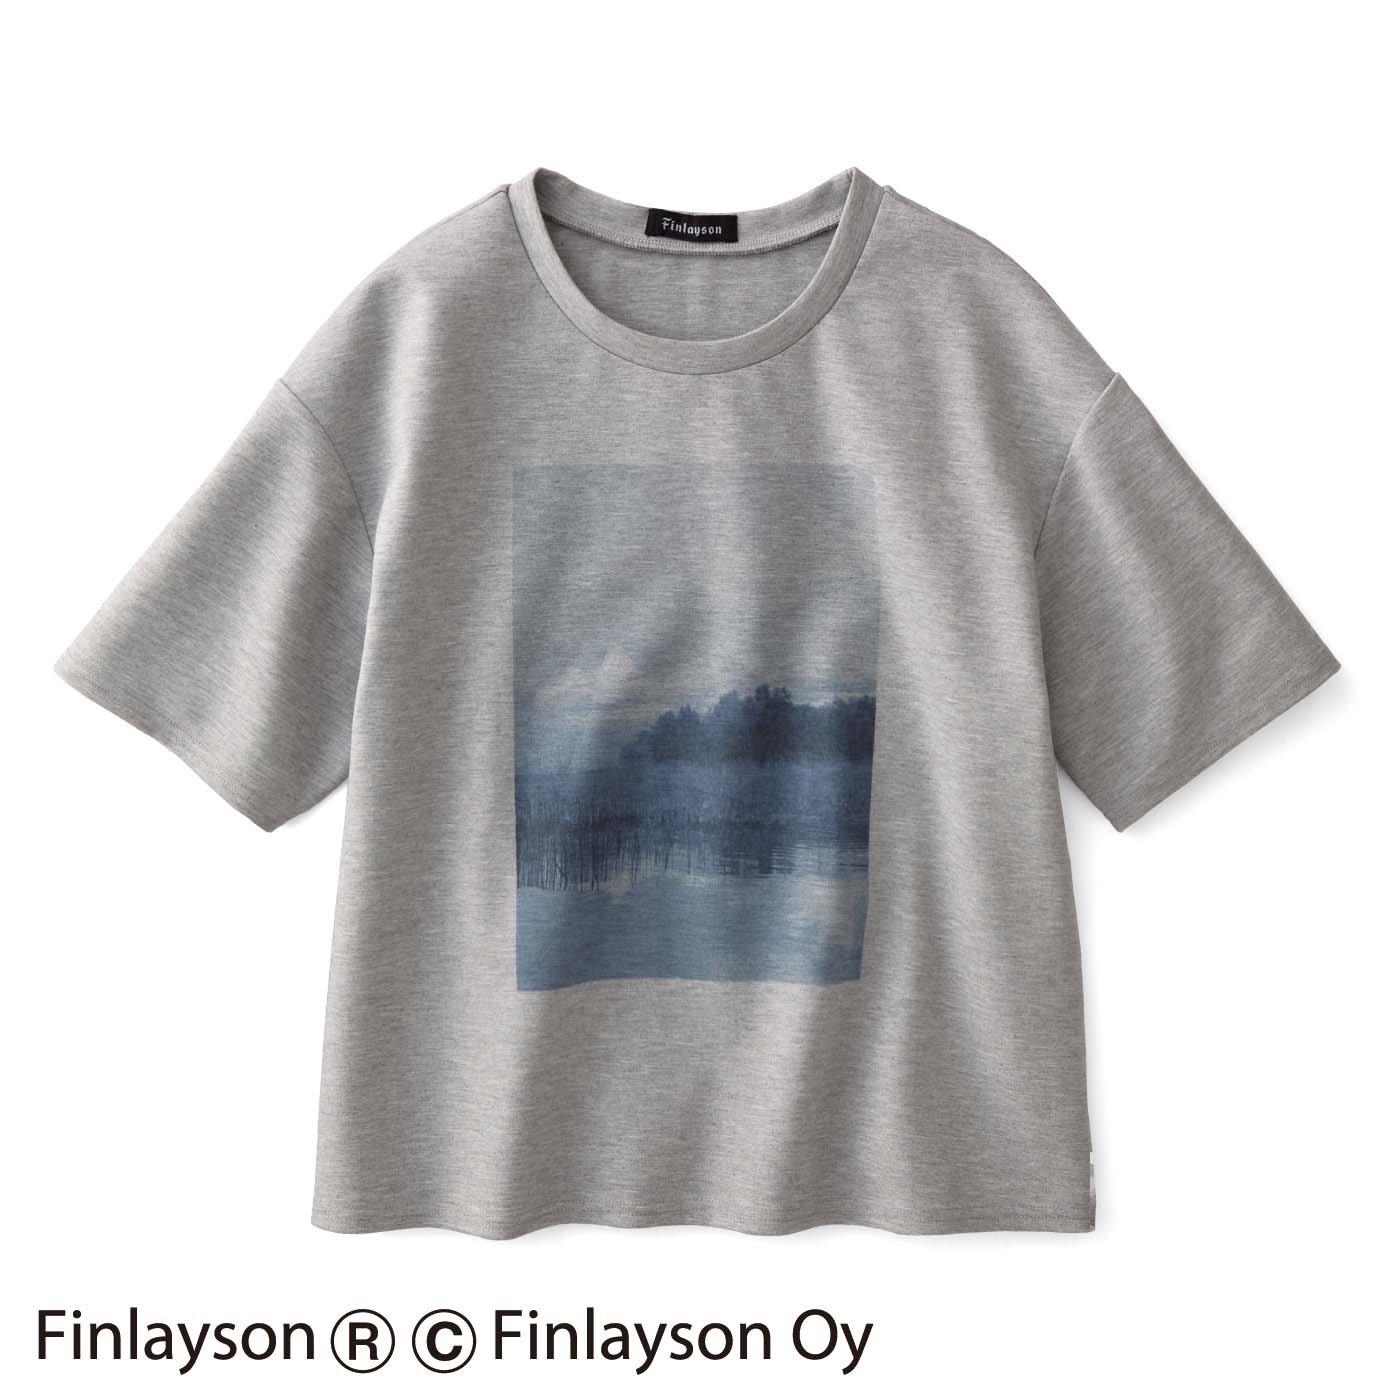 シロップ.×フィンレイソン フロントプリントTシャツ〈MAISEMA〉